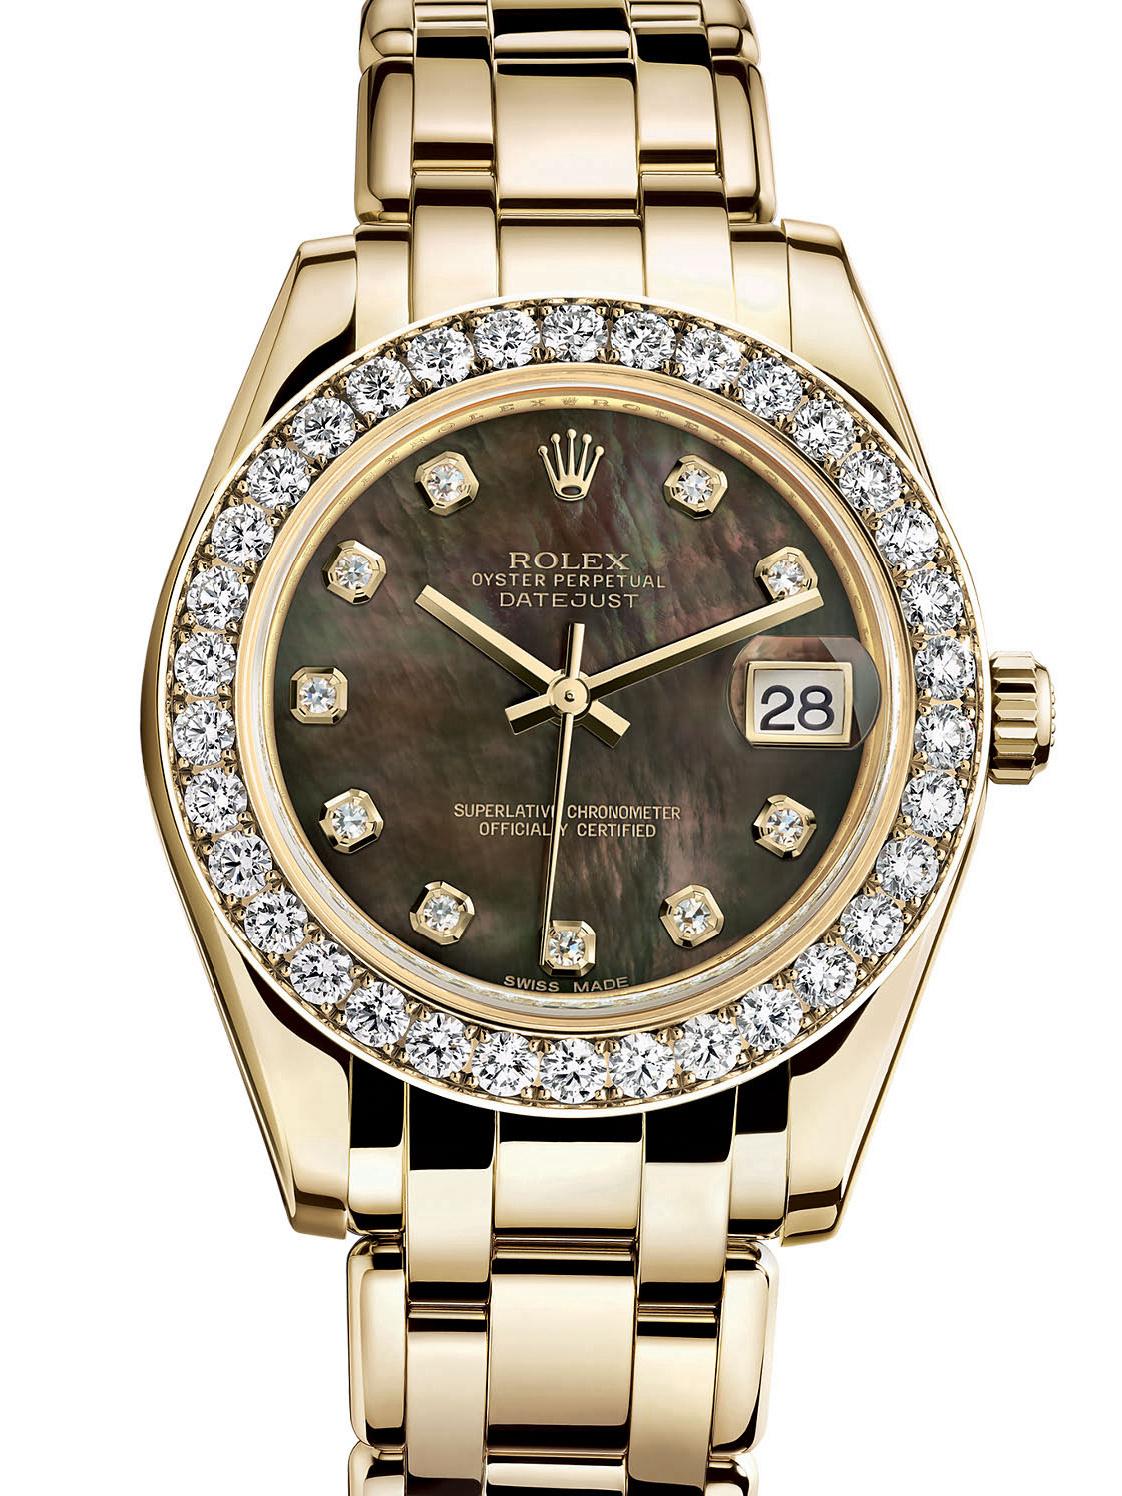 劳力士珍珠淑女型34黄金钻圈黑面女表81298-0013